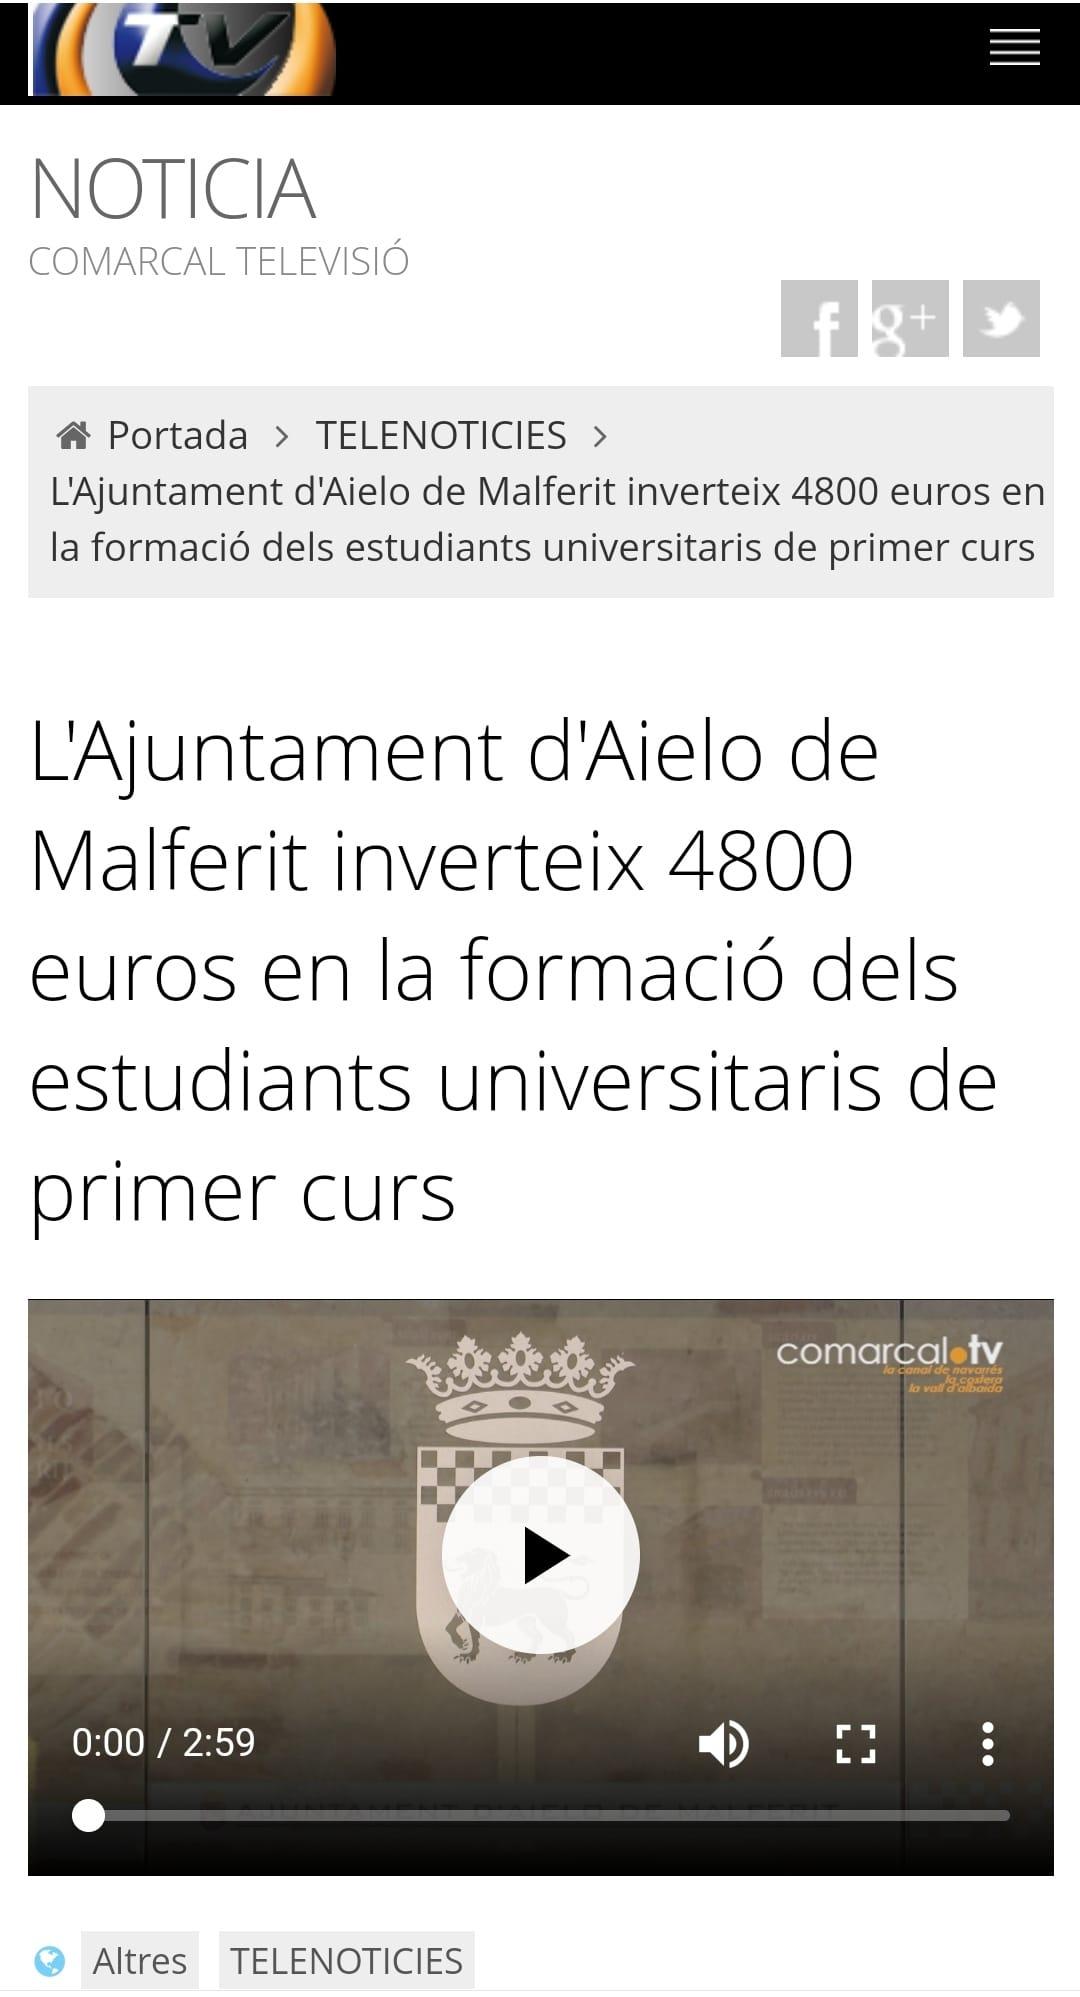 L'Ajuntament d'Aielo de Malferit inverteix 4800 euros en la formació dels estudiants universitaris de primer curs